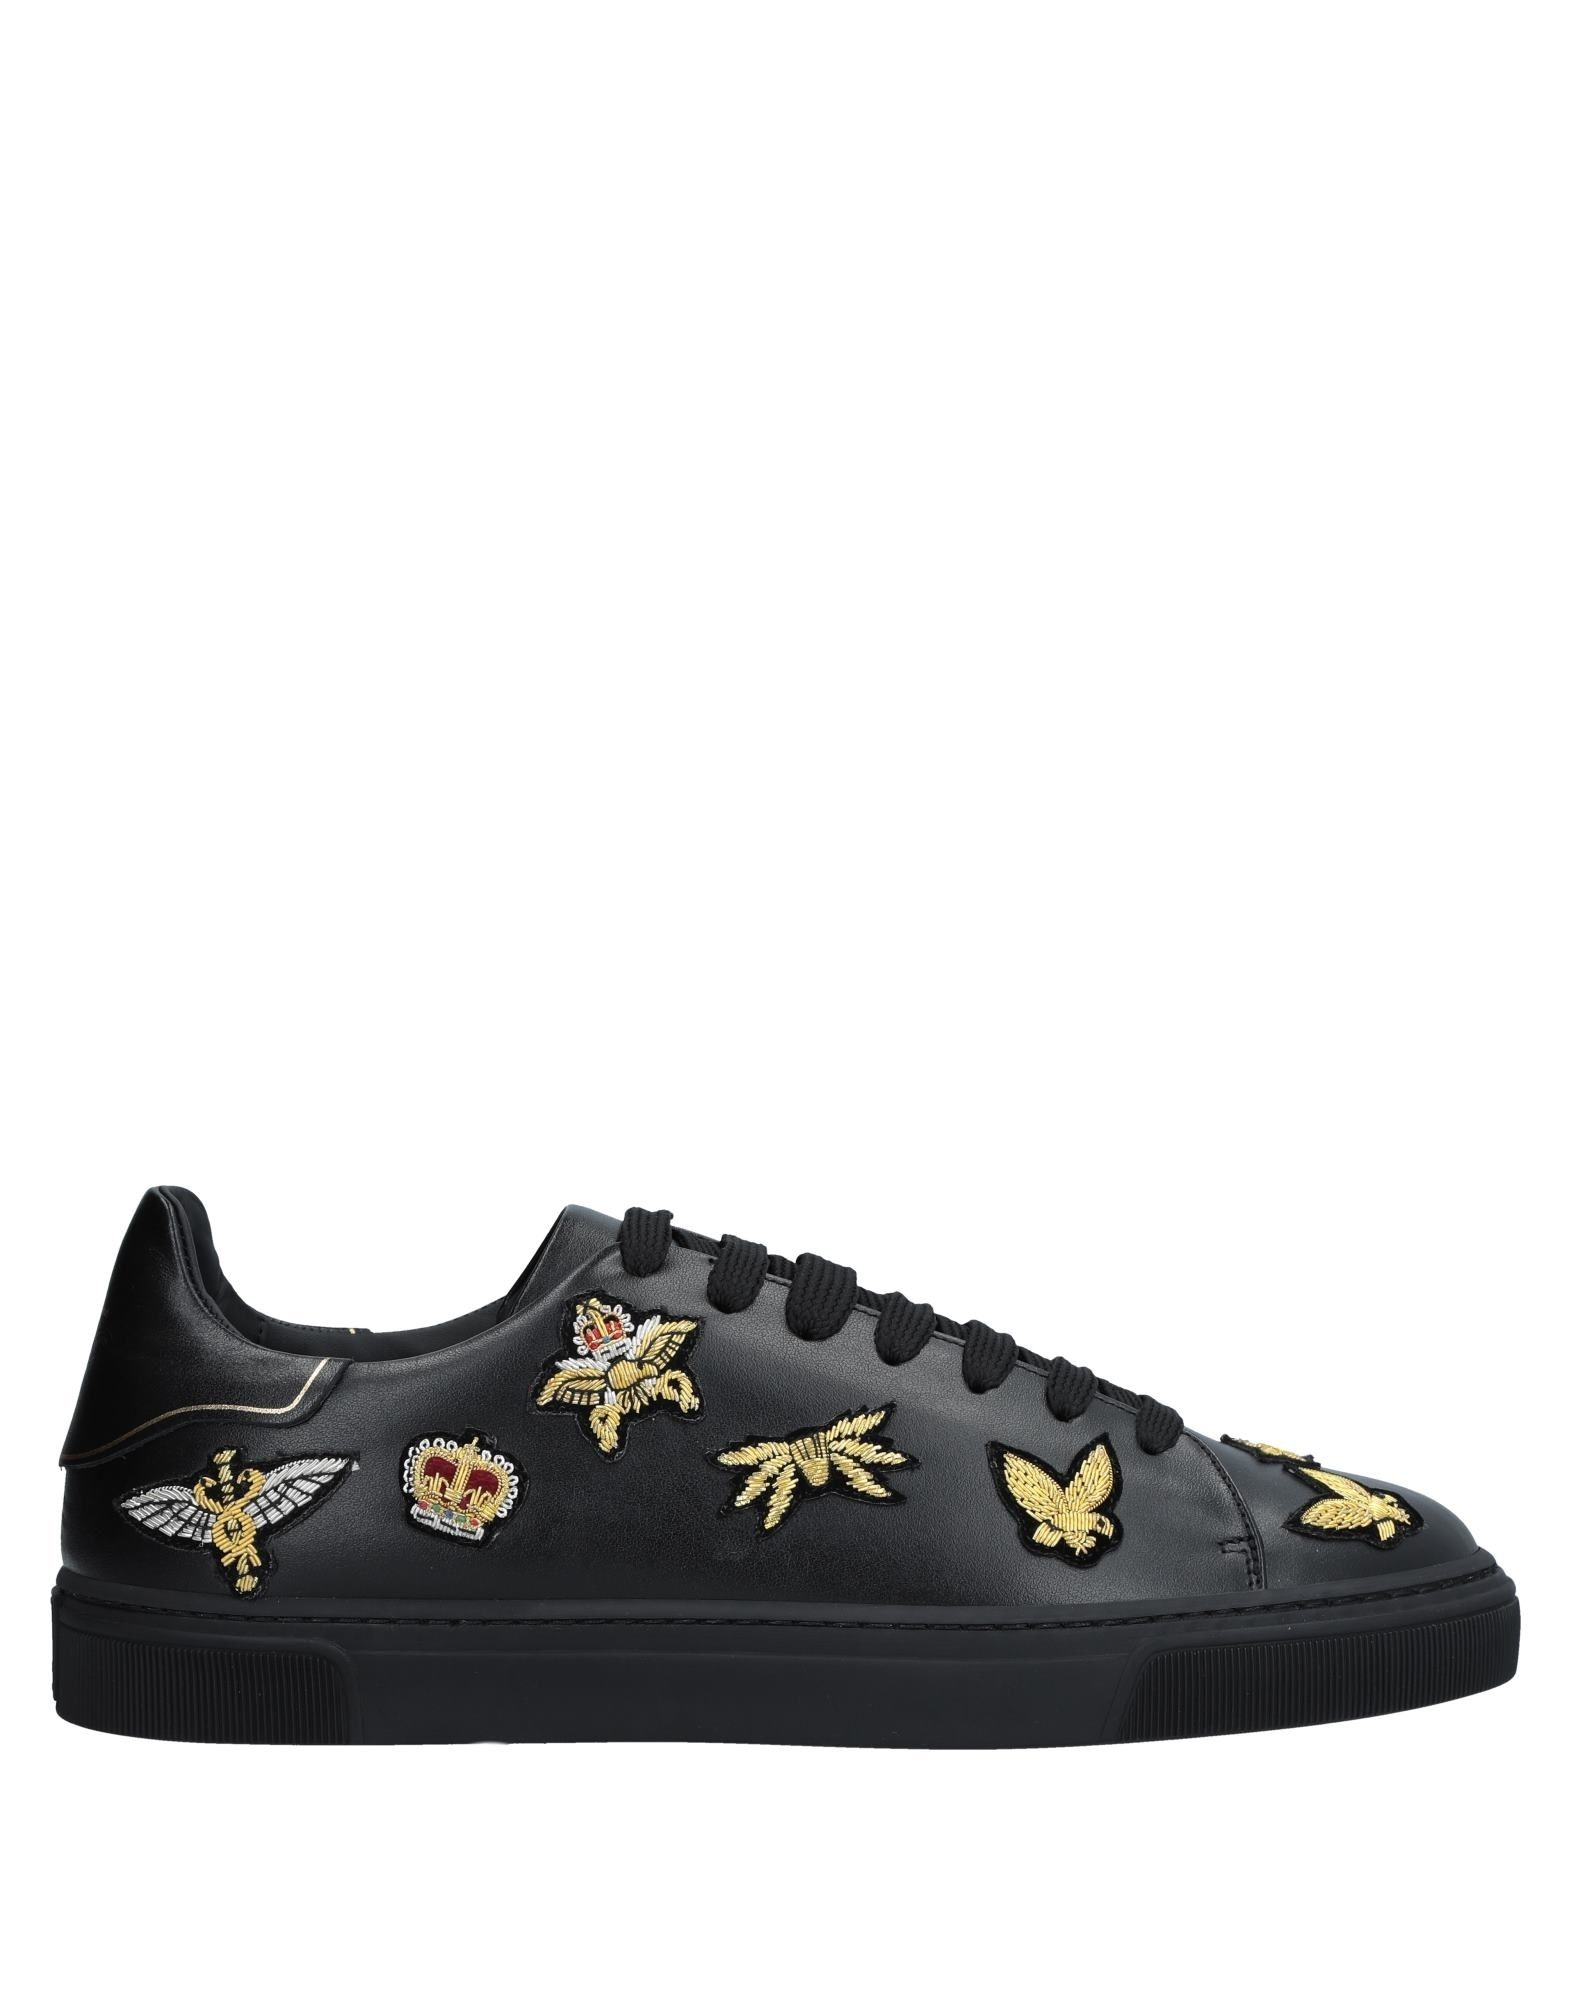 Louis Leeman Sneakers Herren  11542222DJ Gute Qualität beliebte Schuhe